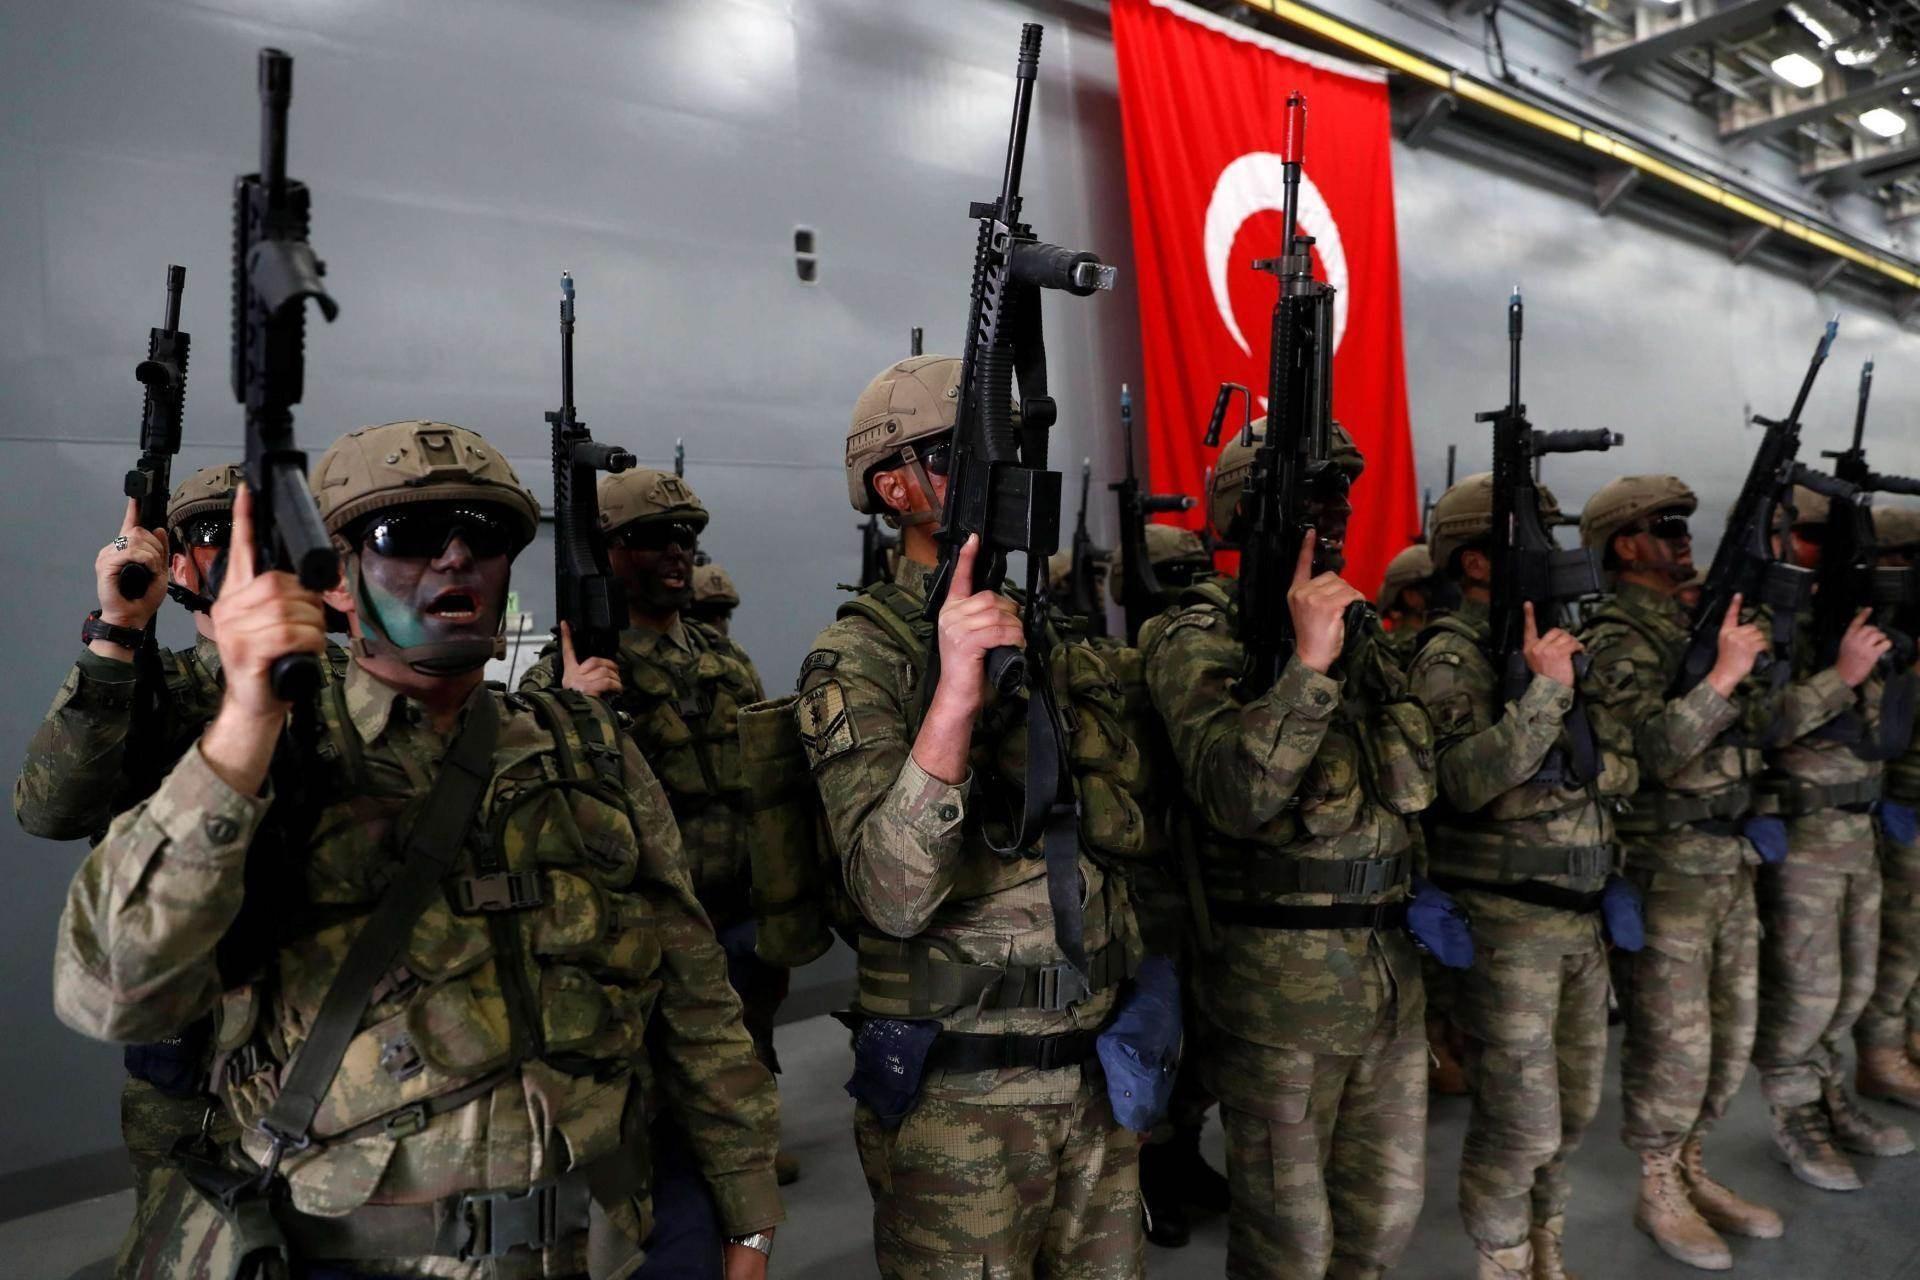 5 دول تهاجم تركيا... لماذا؟